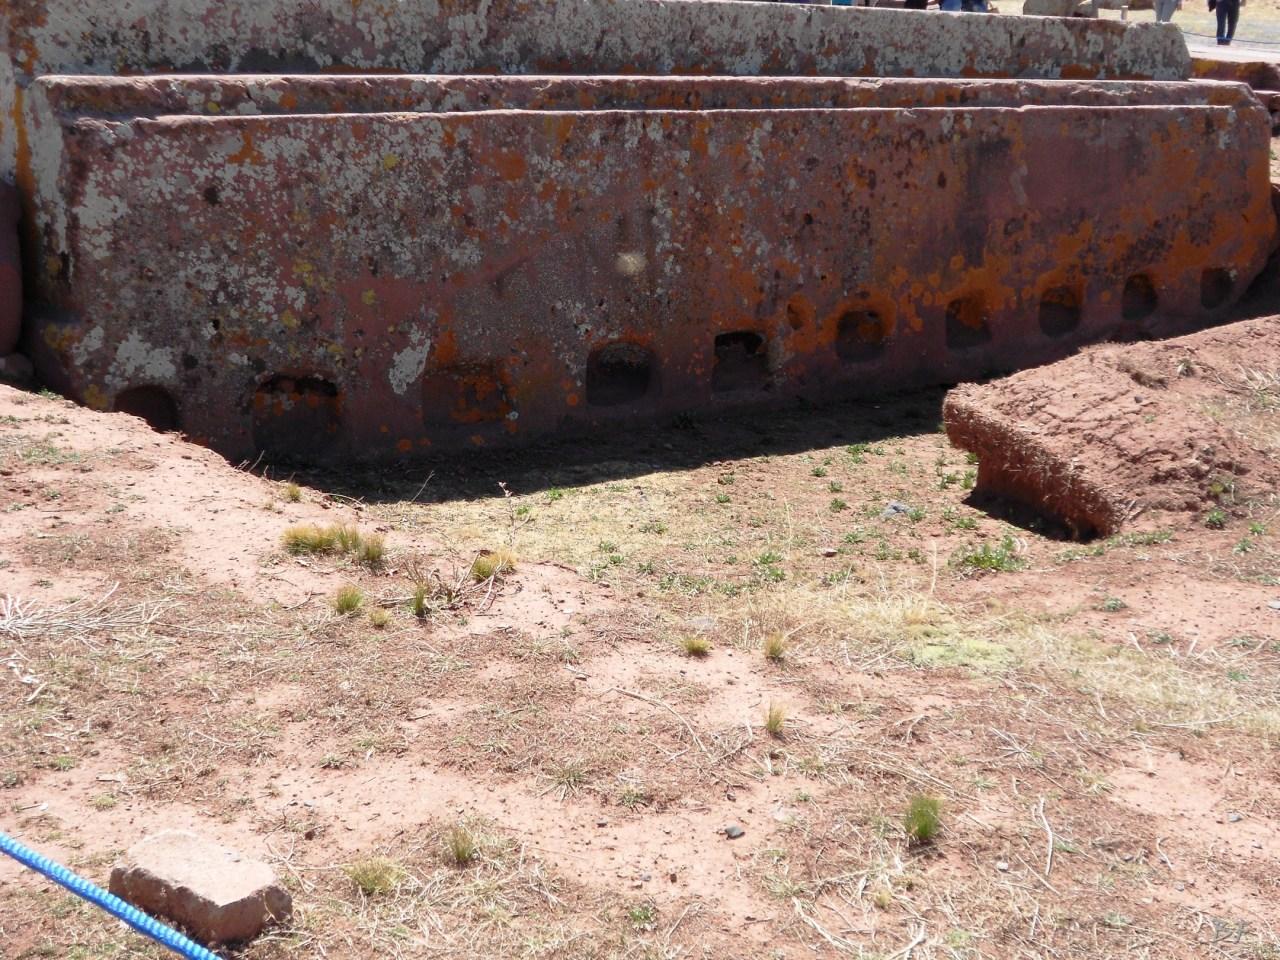 Puma-Punku-Area-Megalitica-Mura-Poligonali-Megaliti-Tiwanaku-Tiahuanaco-Bolivia-48